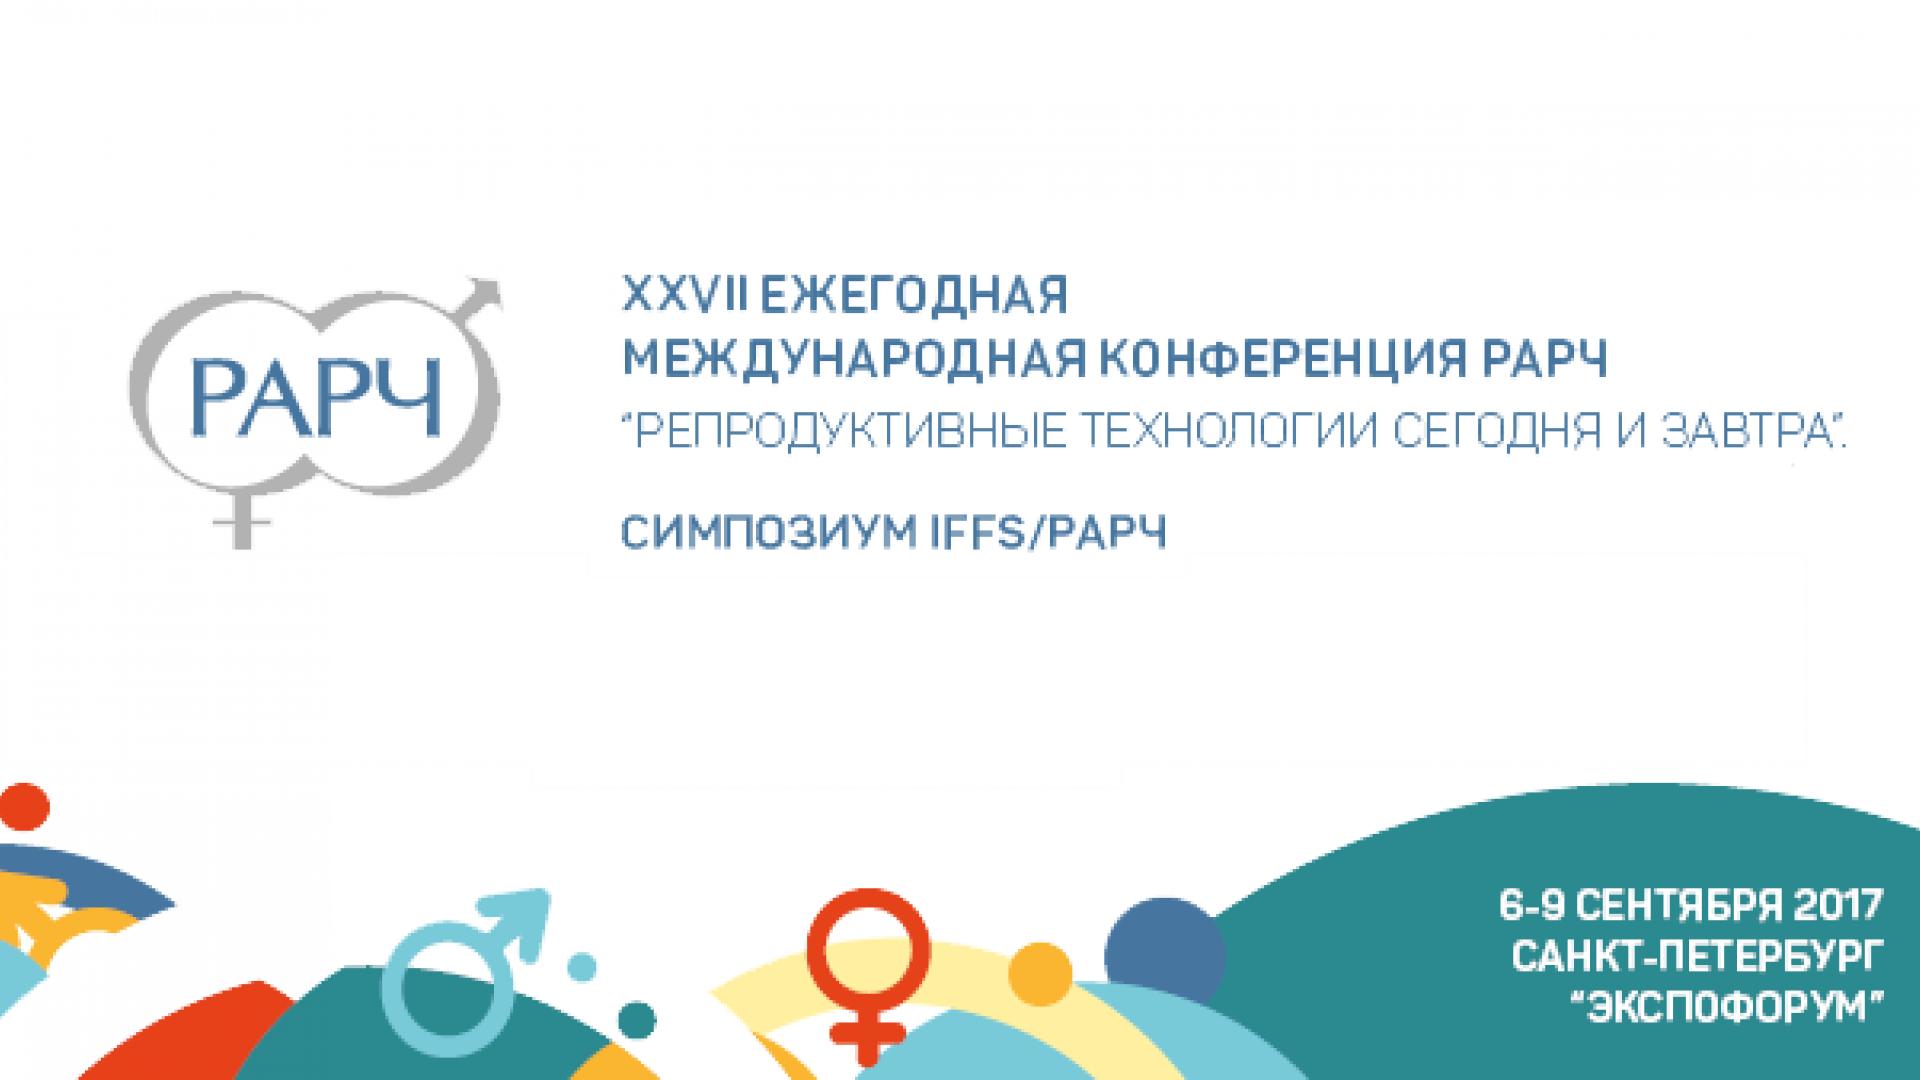 Запланировано проведене XXVII Ежегодной международной Конференции РАРЧ «Репродуктивные технологии сегодня и завтра» 6-9 сентября, г. Санкт-Петербург